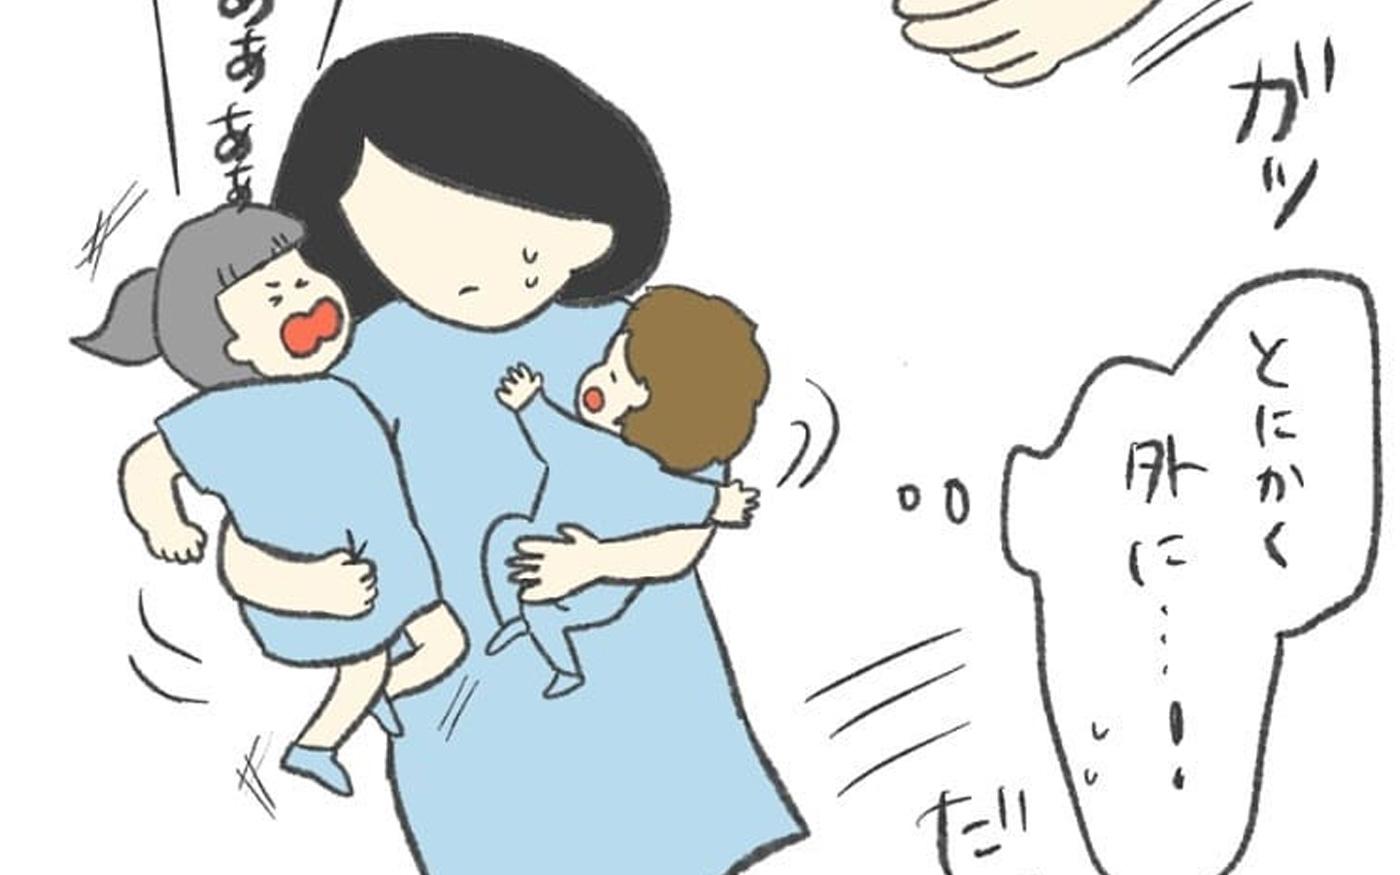 泣き叫ぶ娘を抱えて保育園を脱出! しかし、新たな難関が…